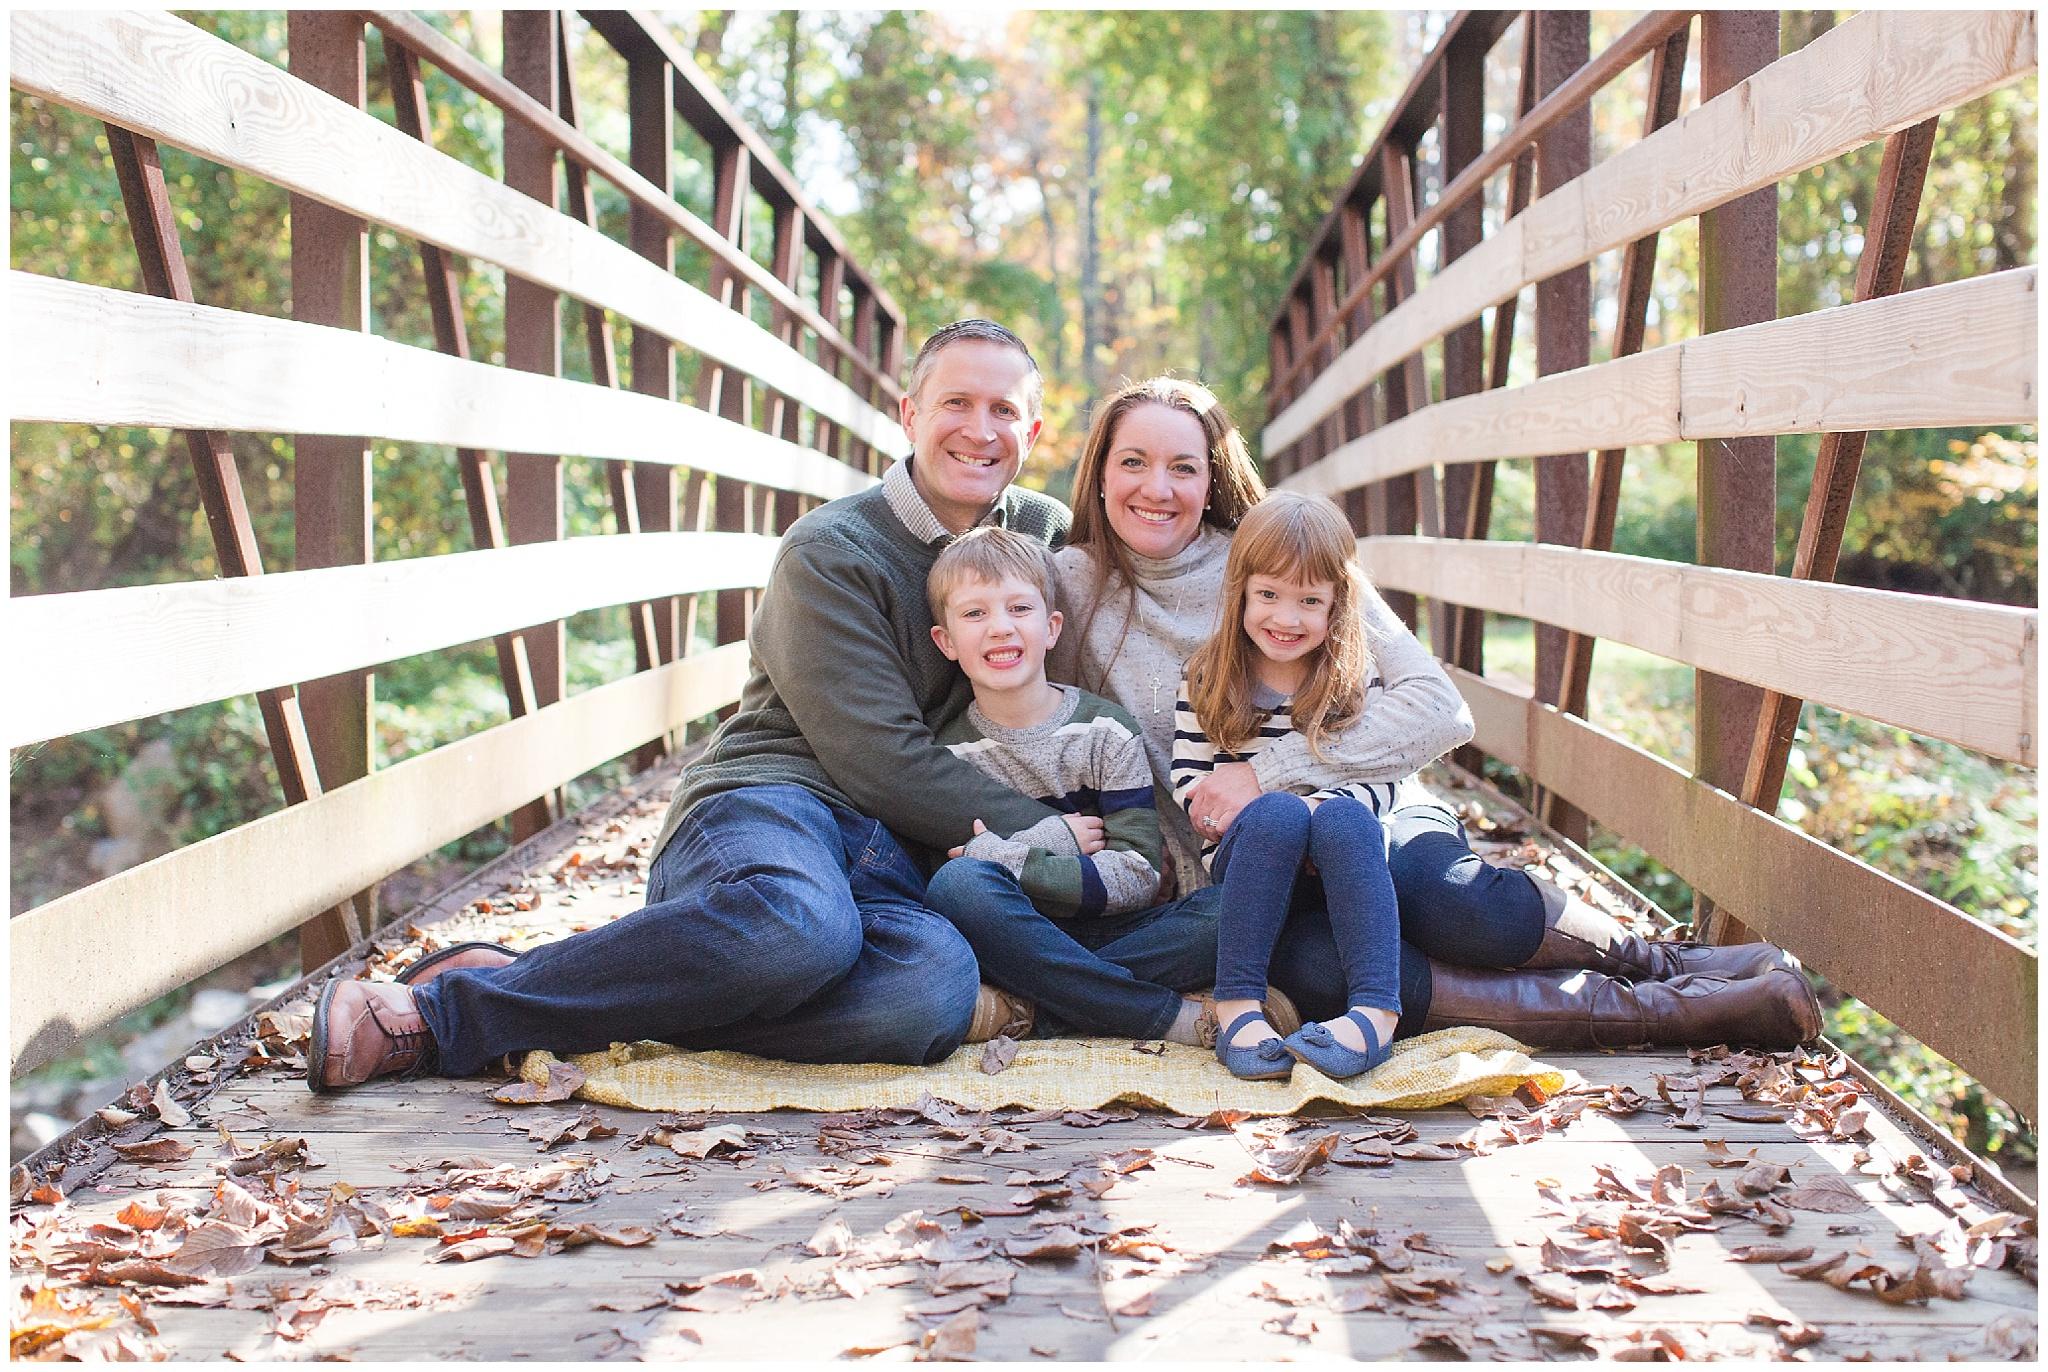 Holleran_familyphotos_0021.jpg